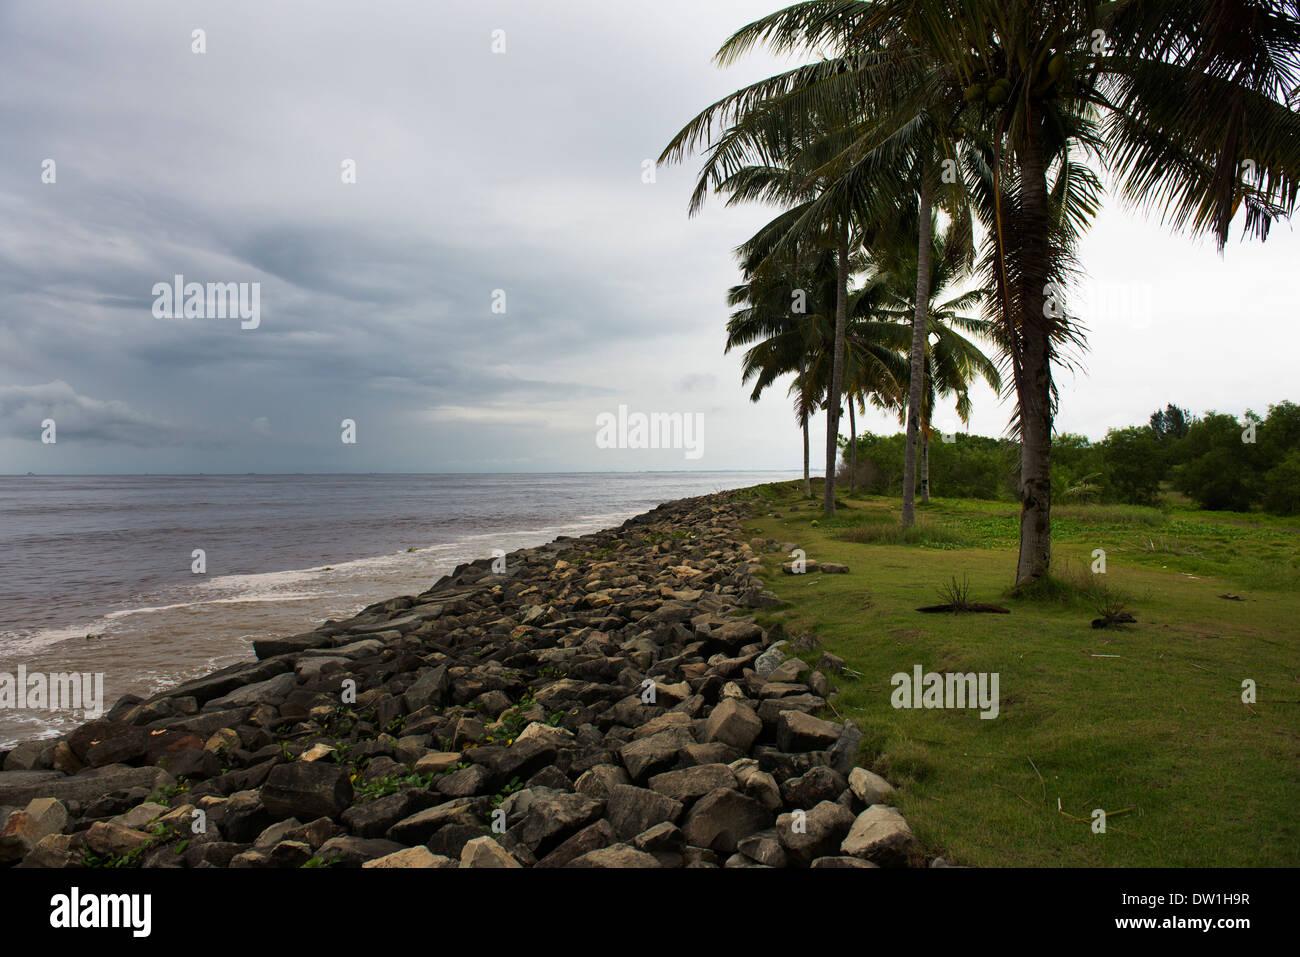 Coastline in Miri, Sarawak, Malaysia. - Stock Image